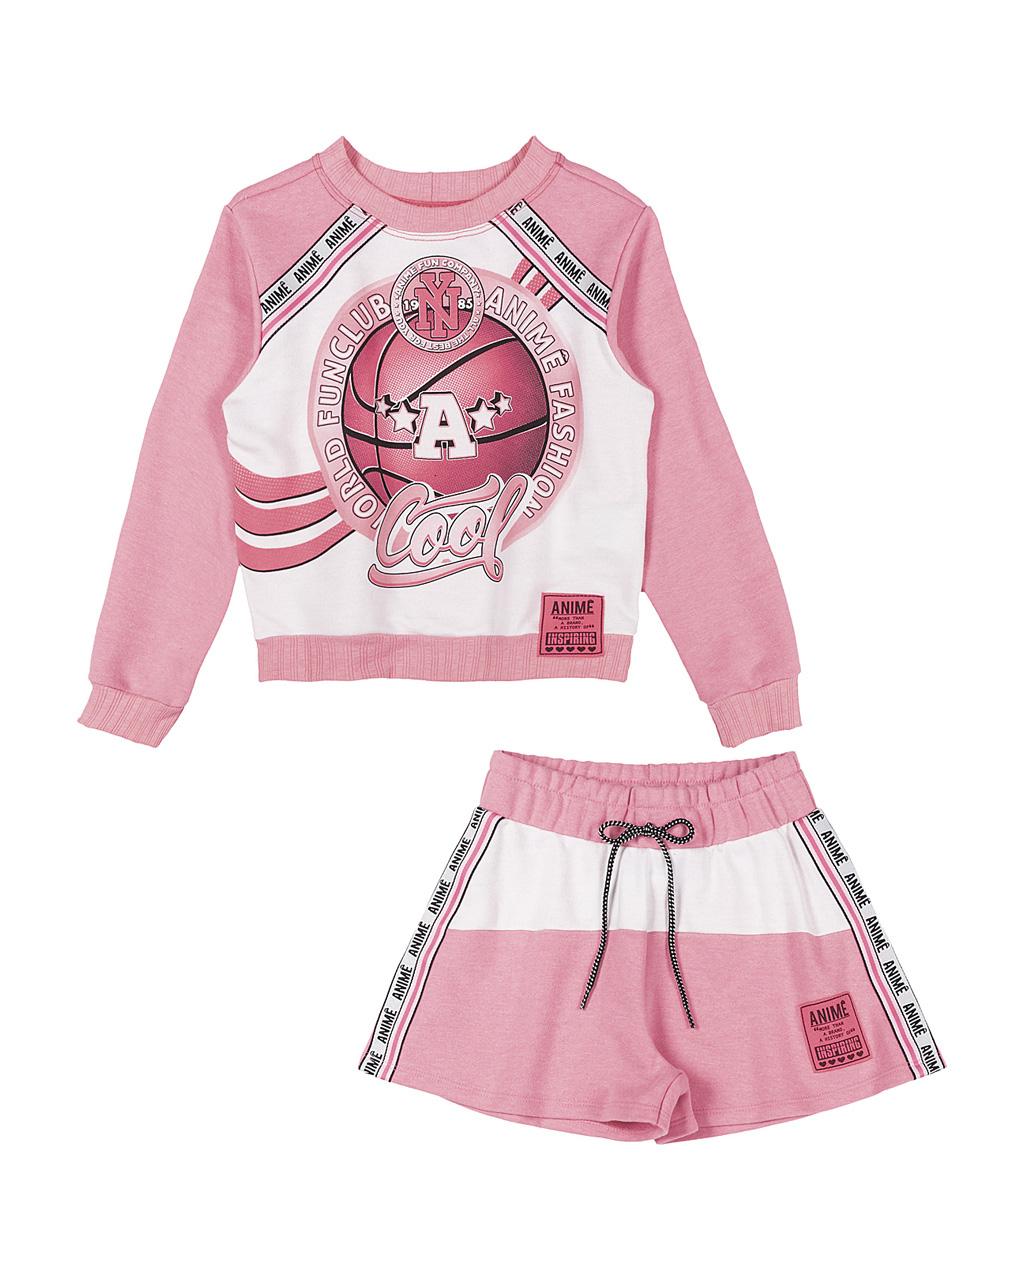 Conjunto Infantil Blusa e Shorts Moletom com Arte Rosa Neon Animê